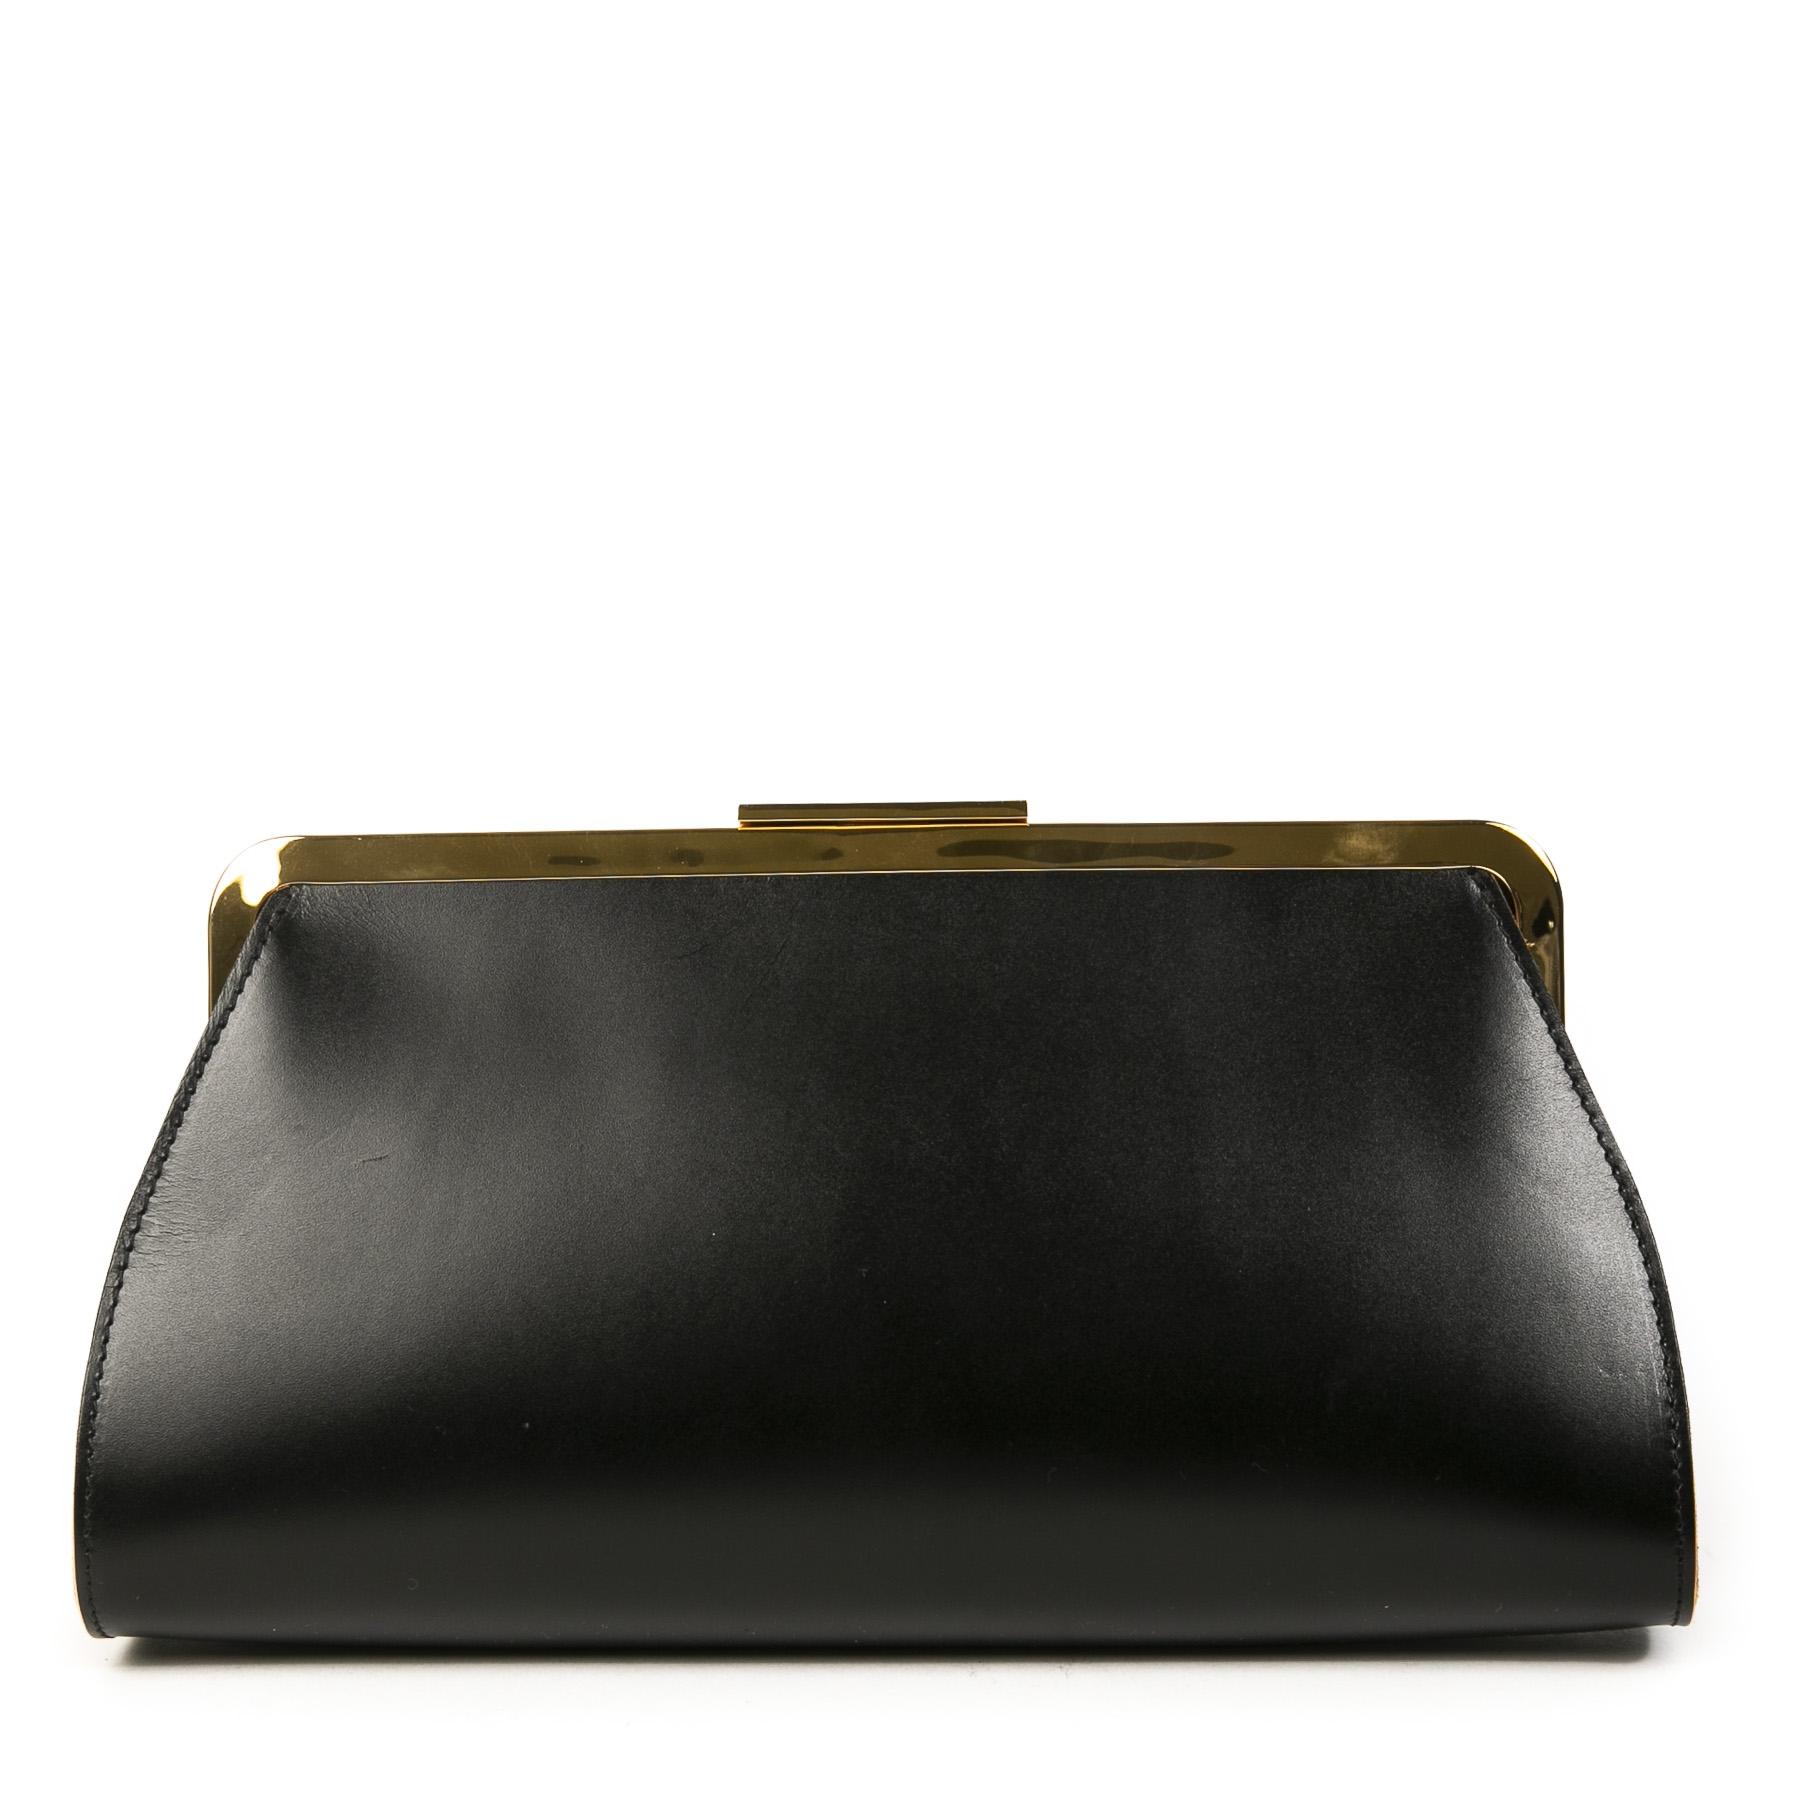 Authentieke Tweedehands Marni Black Studs and Crystals Leather Clutch juiste prijs veilig online shoppen luxe merken webshop winkelen Antwerpen België mode fashion